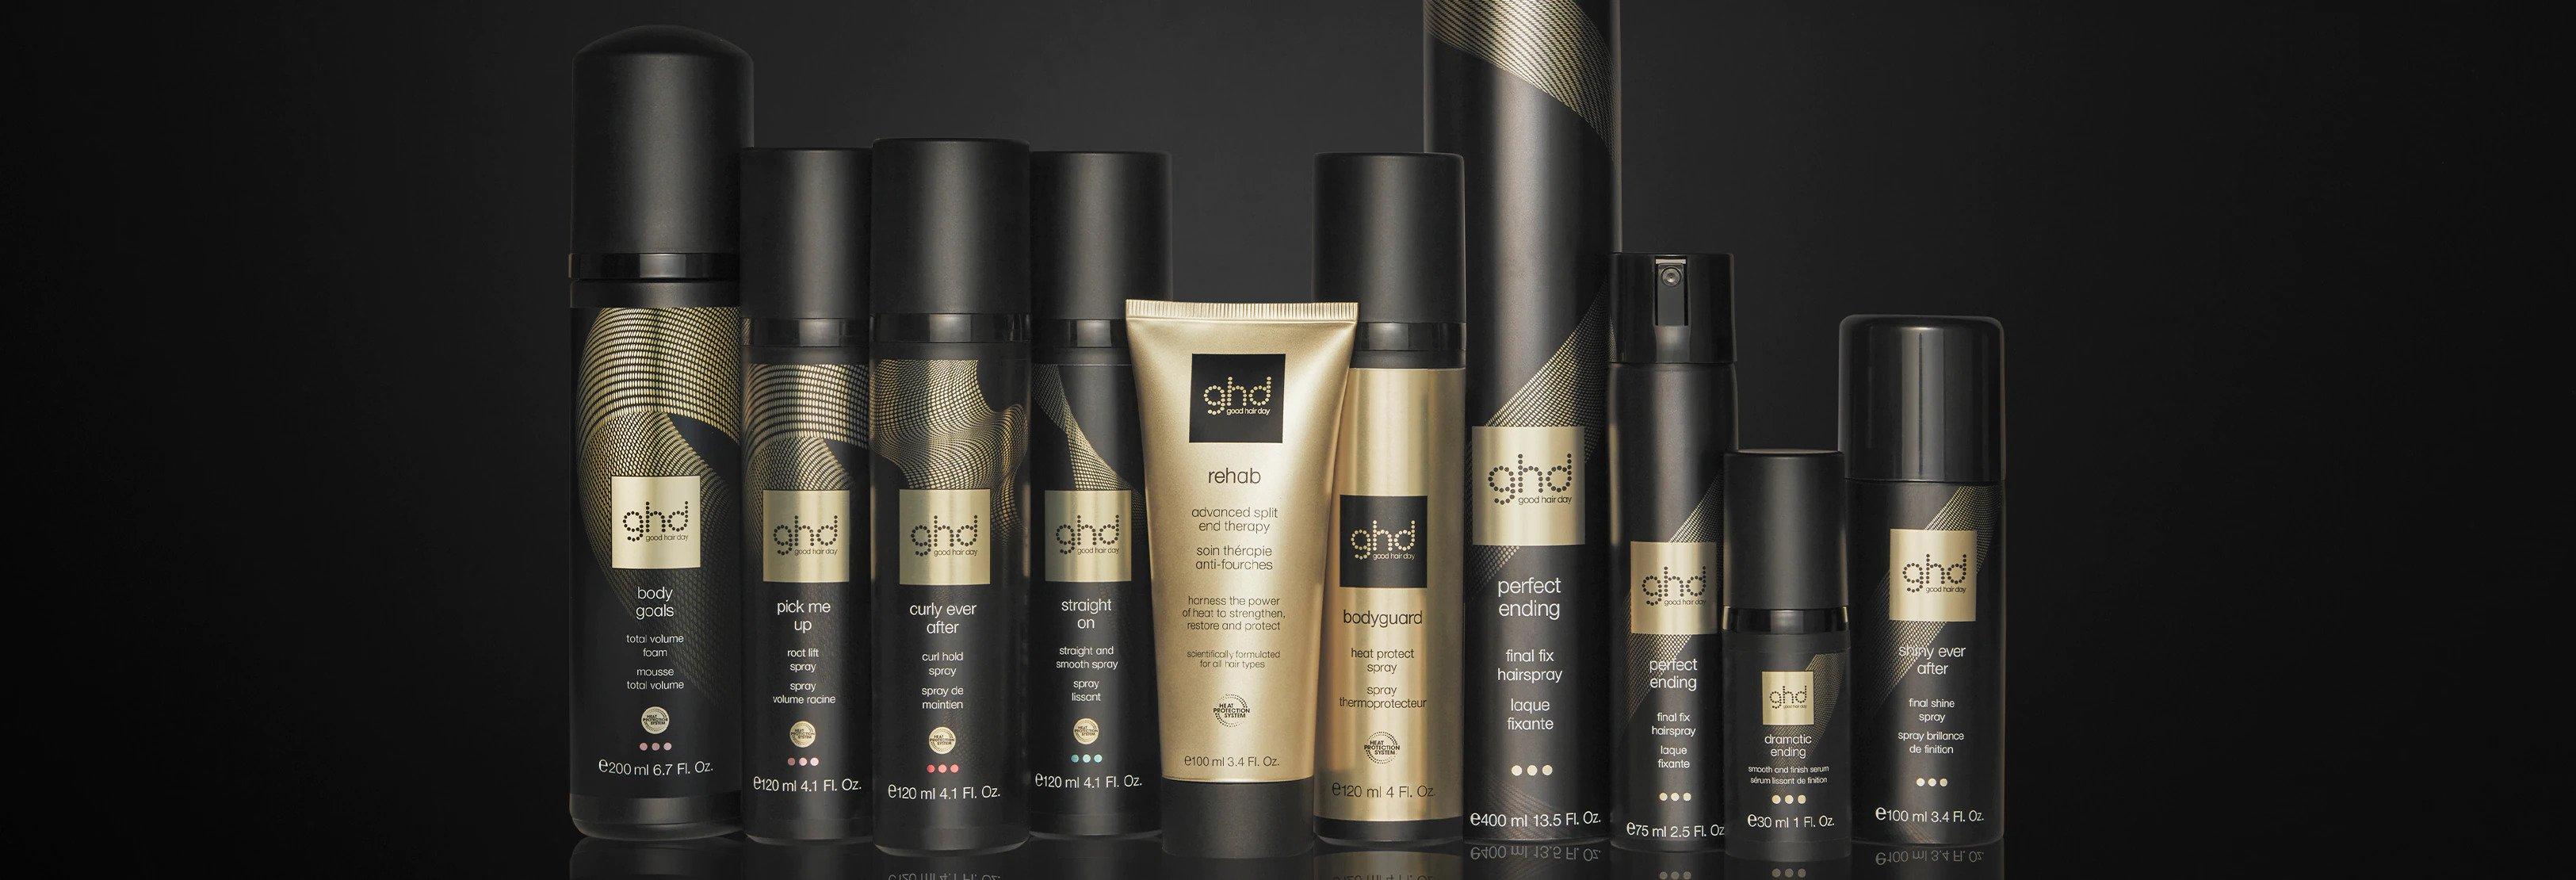 Hair_Brushes_Products_Mobile_Nav_3250X1110.jpg.jpg